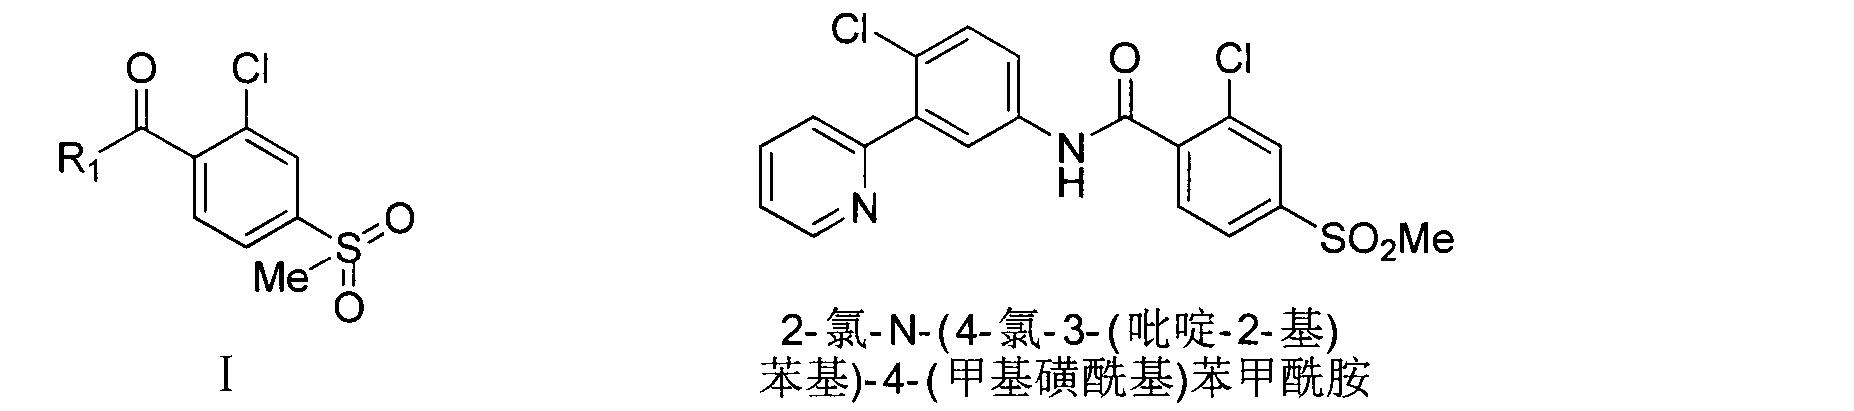 Figure CN103910671AC00022